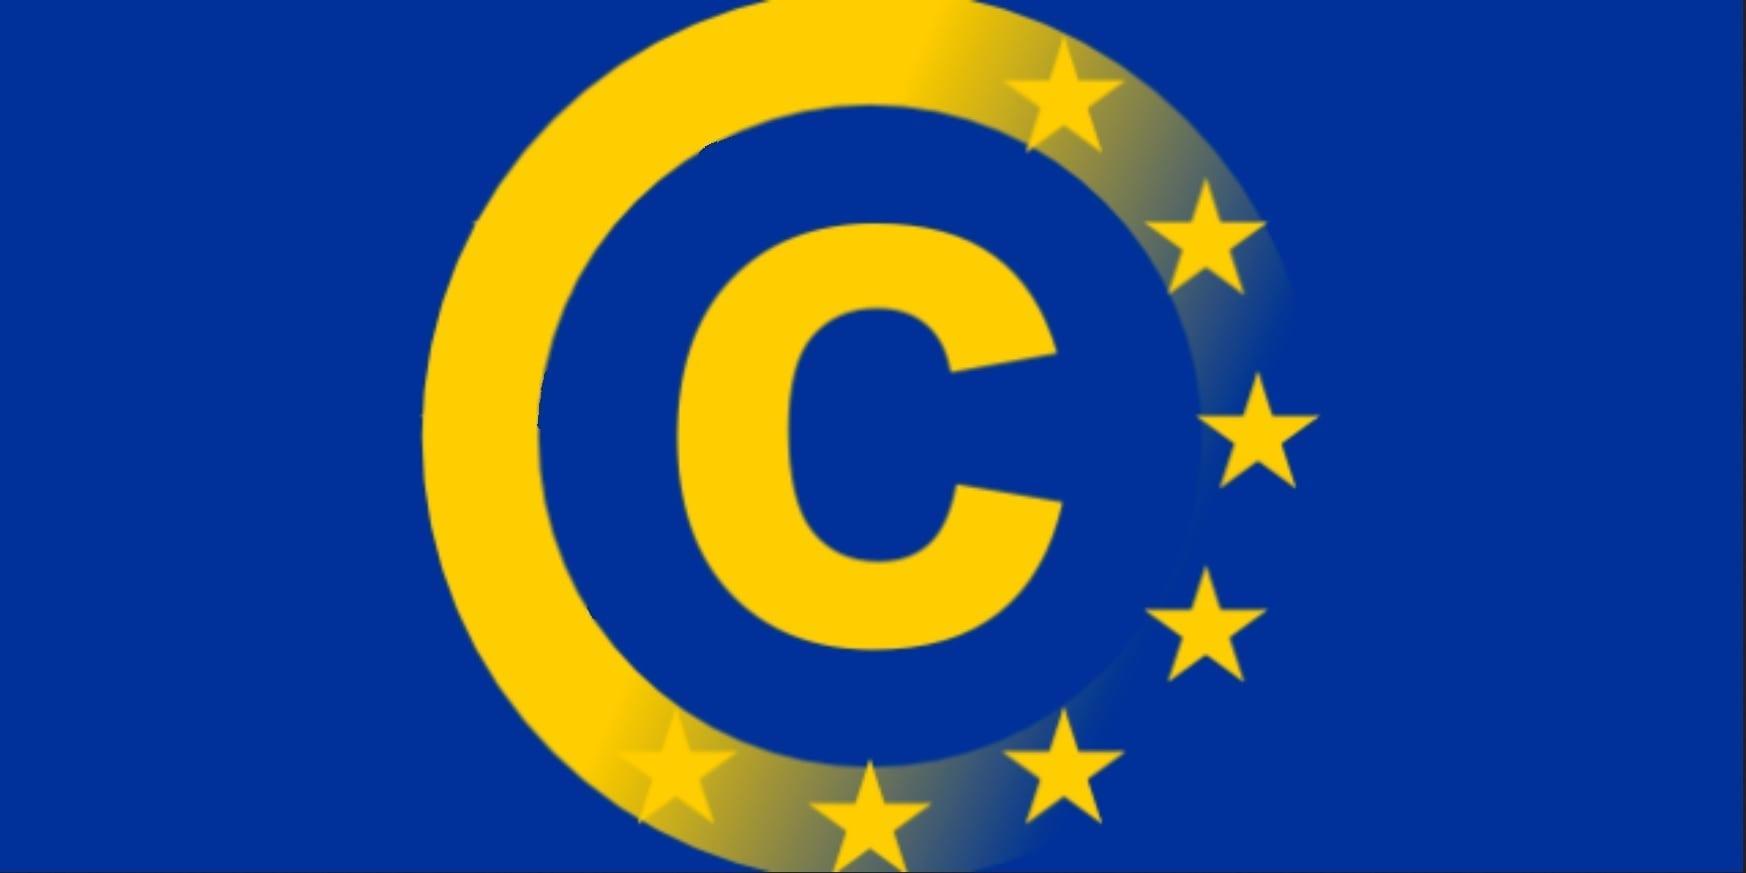 Offener Brief zur EU Copyright Reform